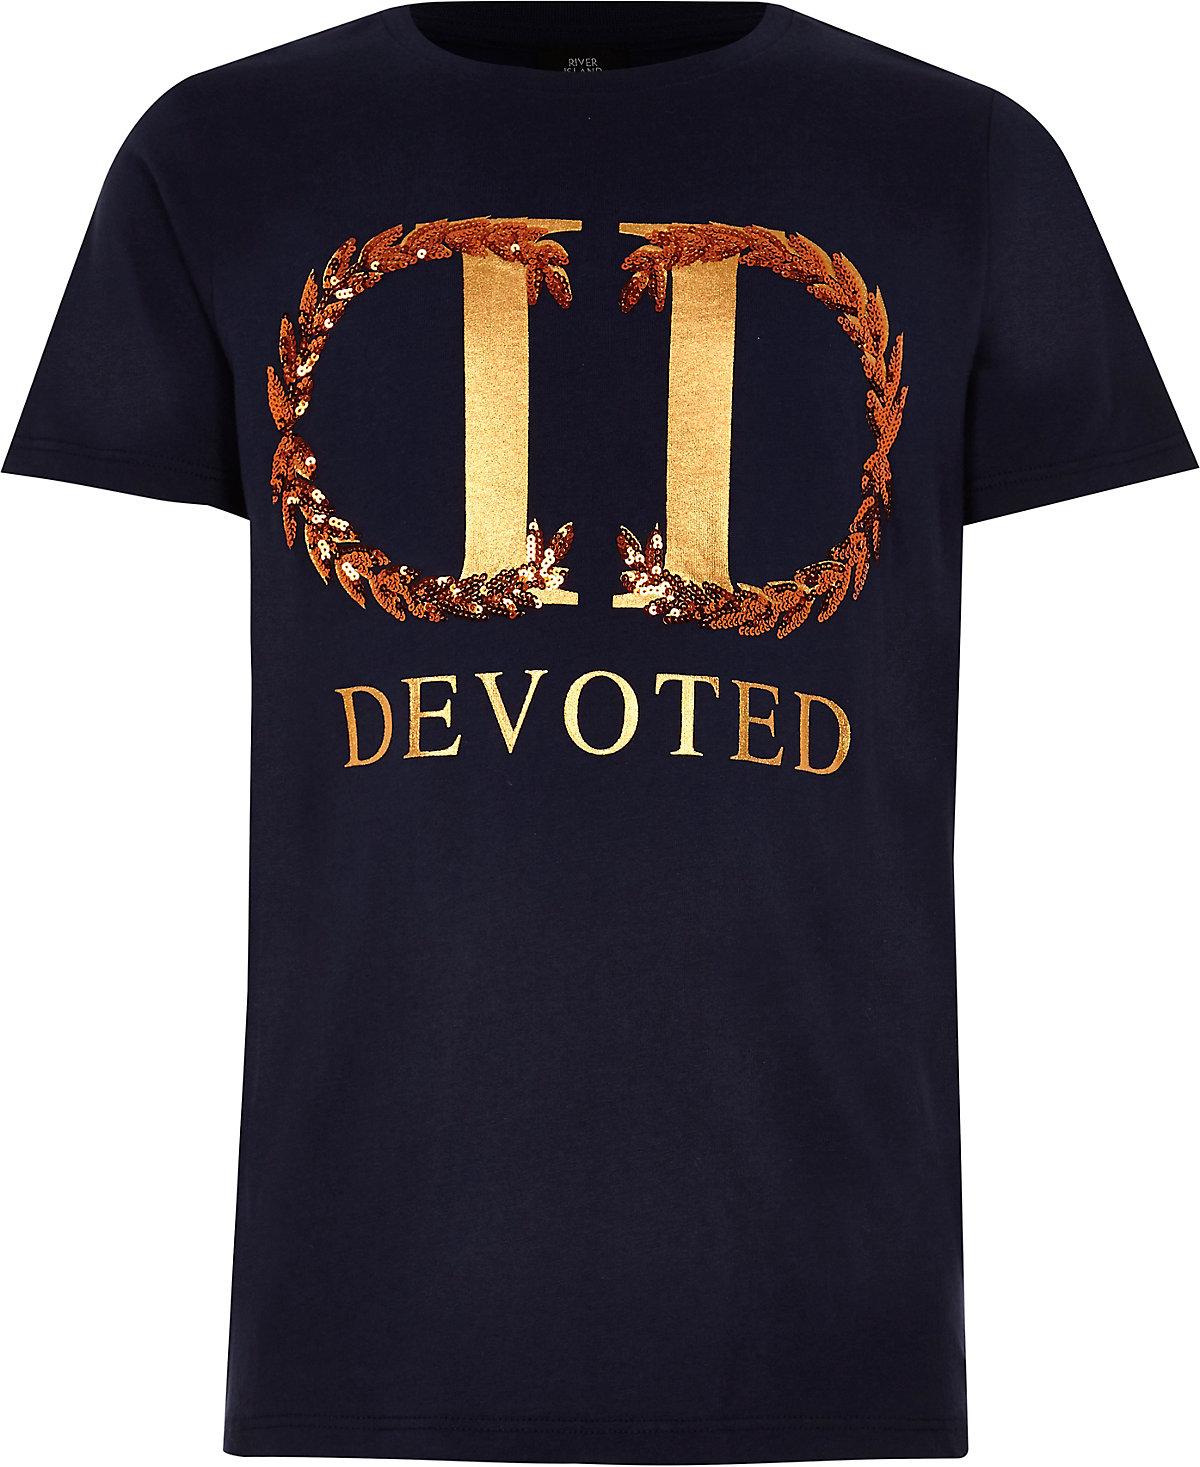 T-shirt à inscription « Devoted » métallisée bleu marine garçon